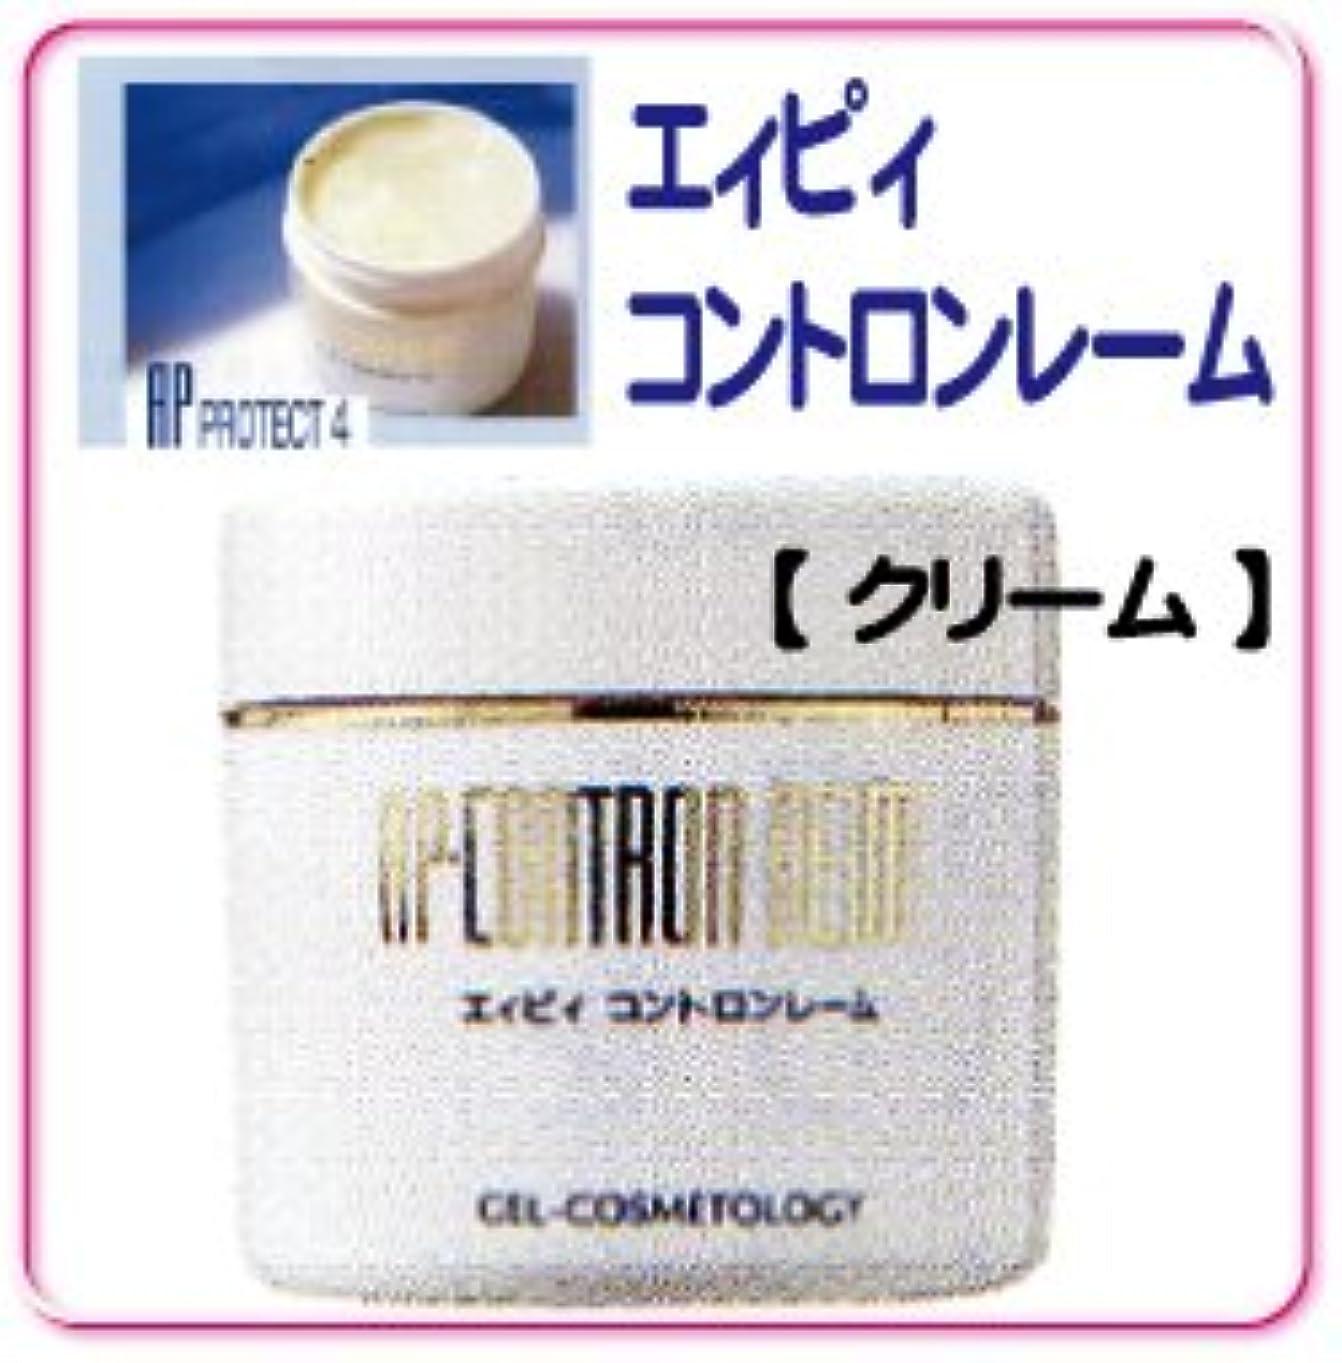 歌う結婚式こねるベルマン化粧品 APprotectシリーズ  コントロンレーム  敏感肌用クリーム 110g